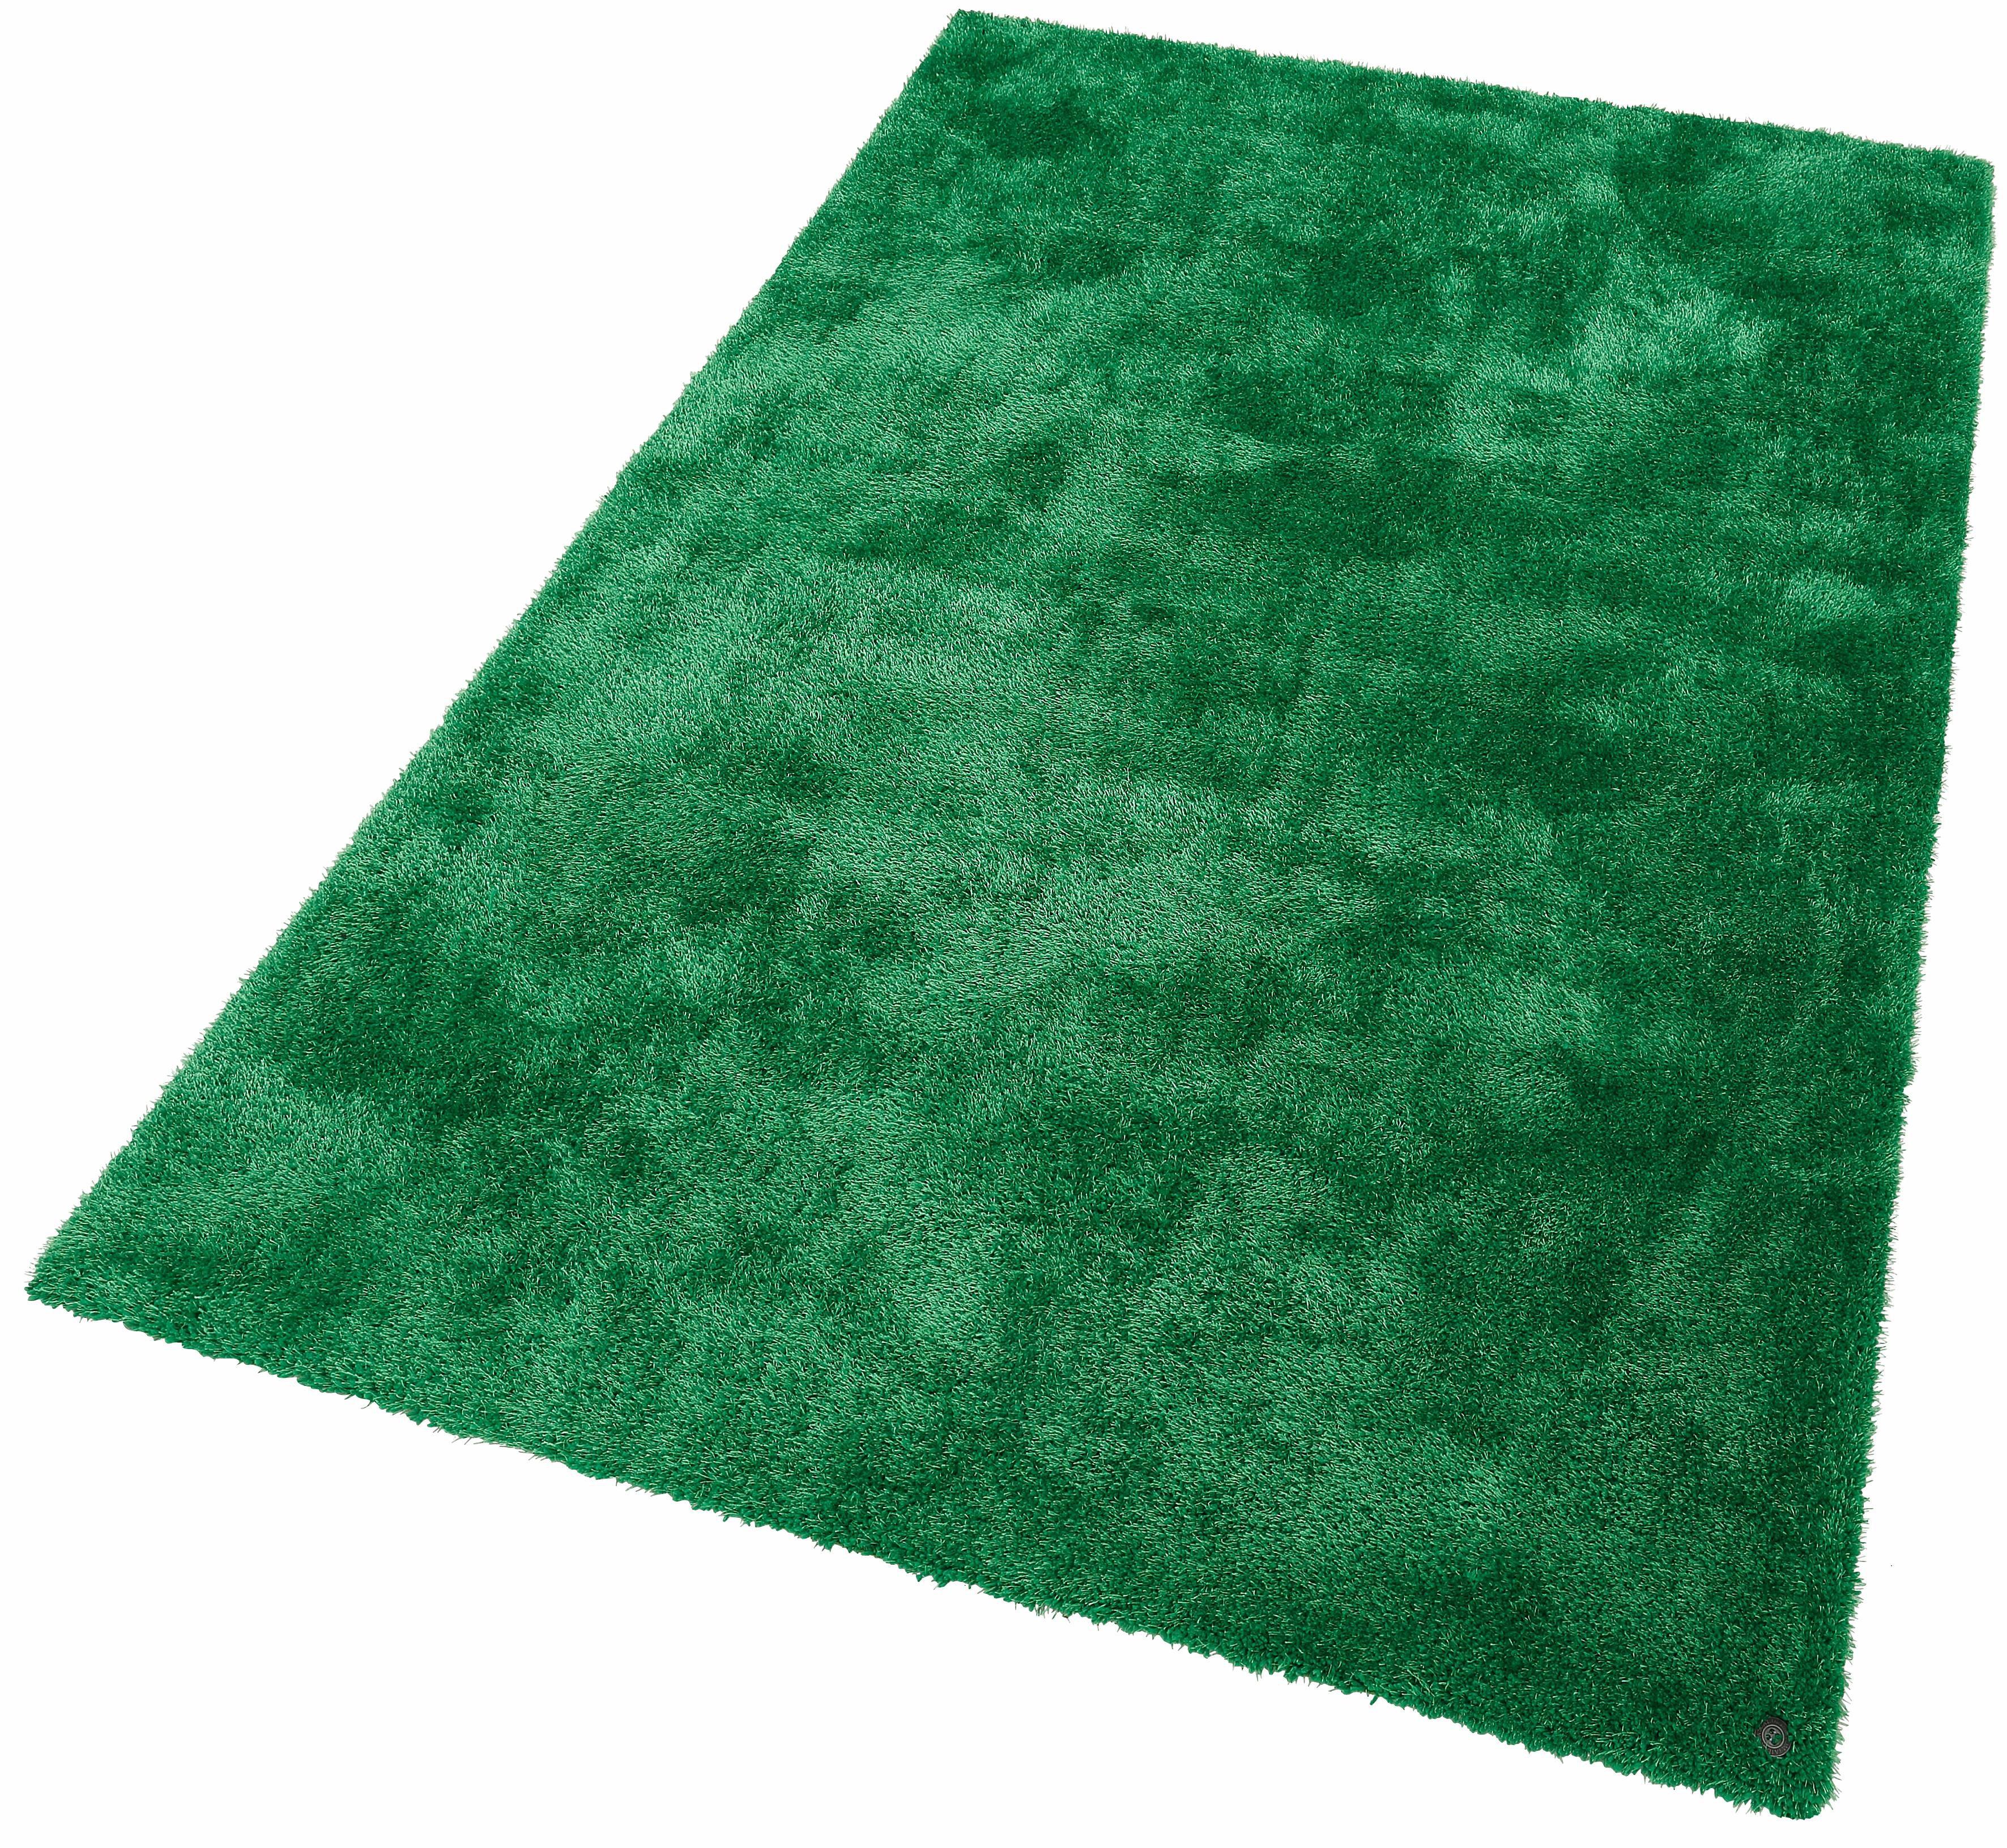 Hochflor-Teppich Soft TOM TAILOR rechteckig Höhe 35 mm handgetuftet